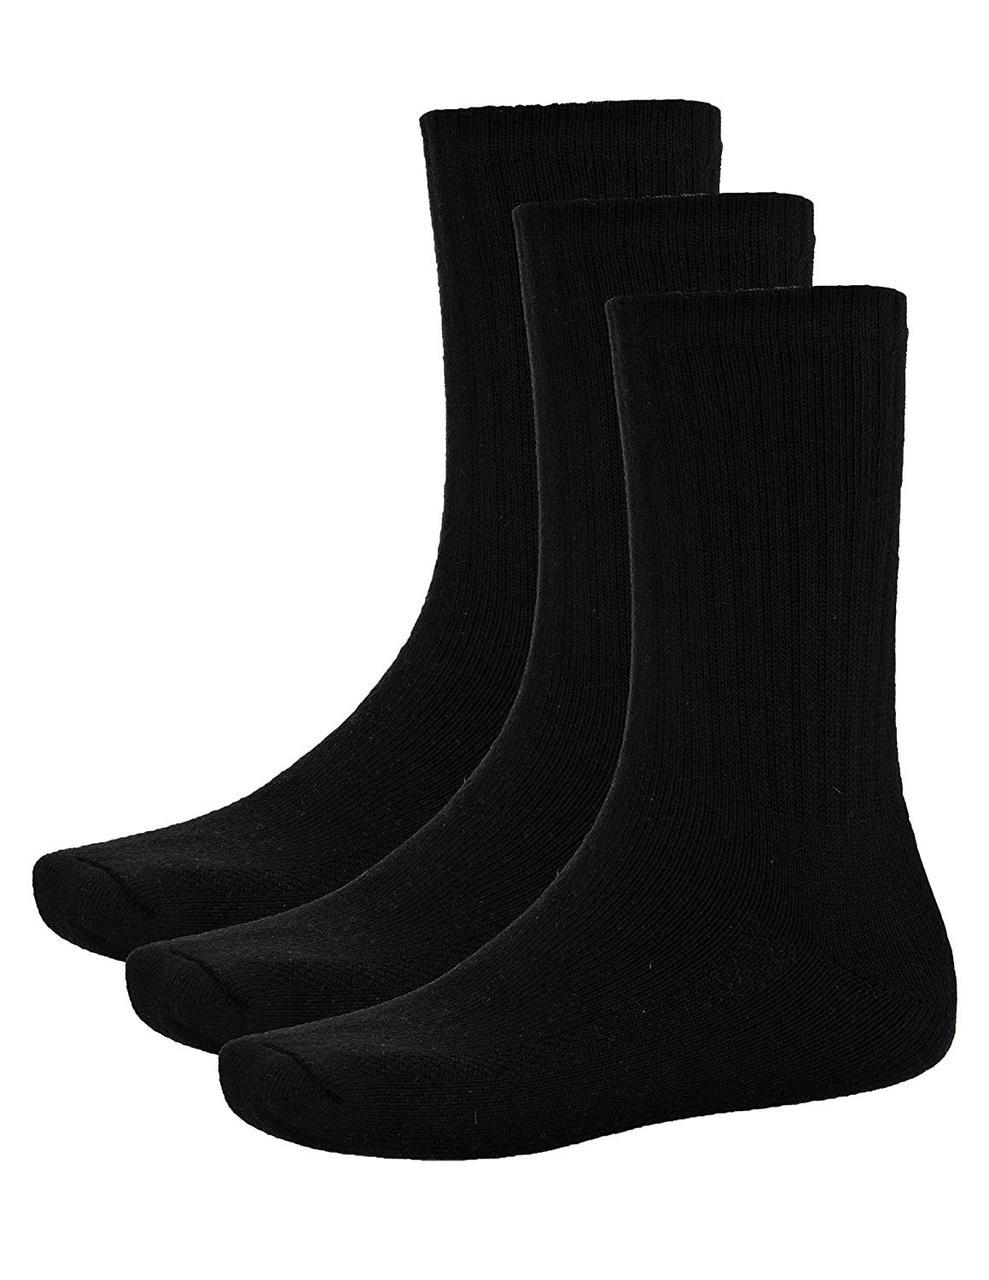 Шкарпетки спортивні чоловічі 3 пари комплект чорні